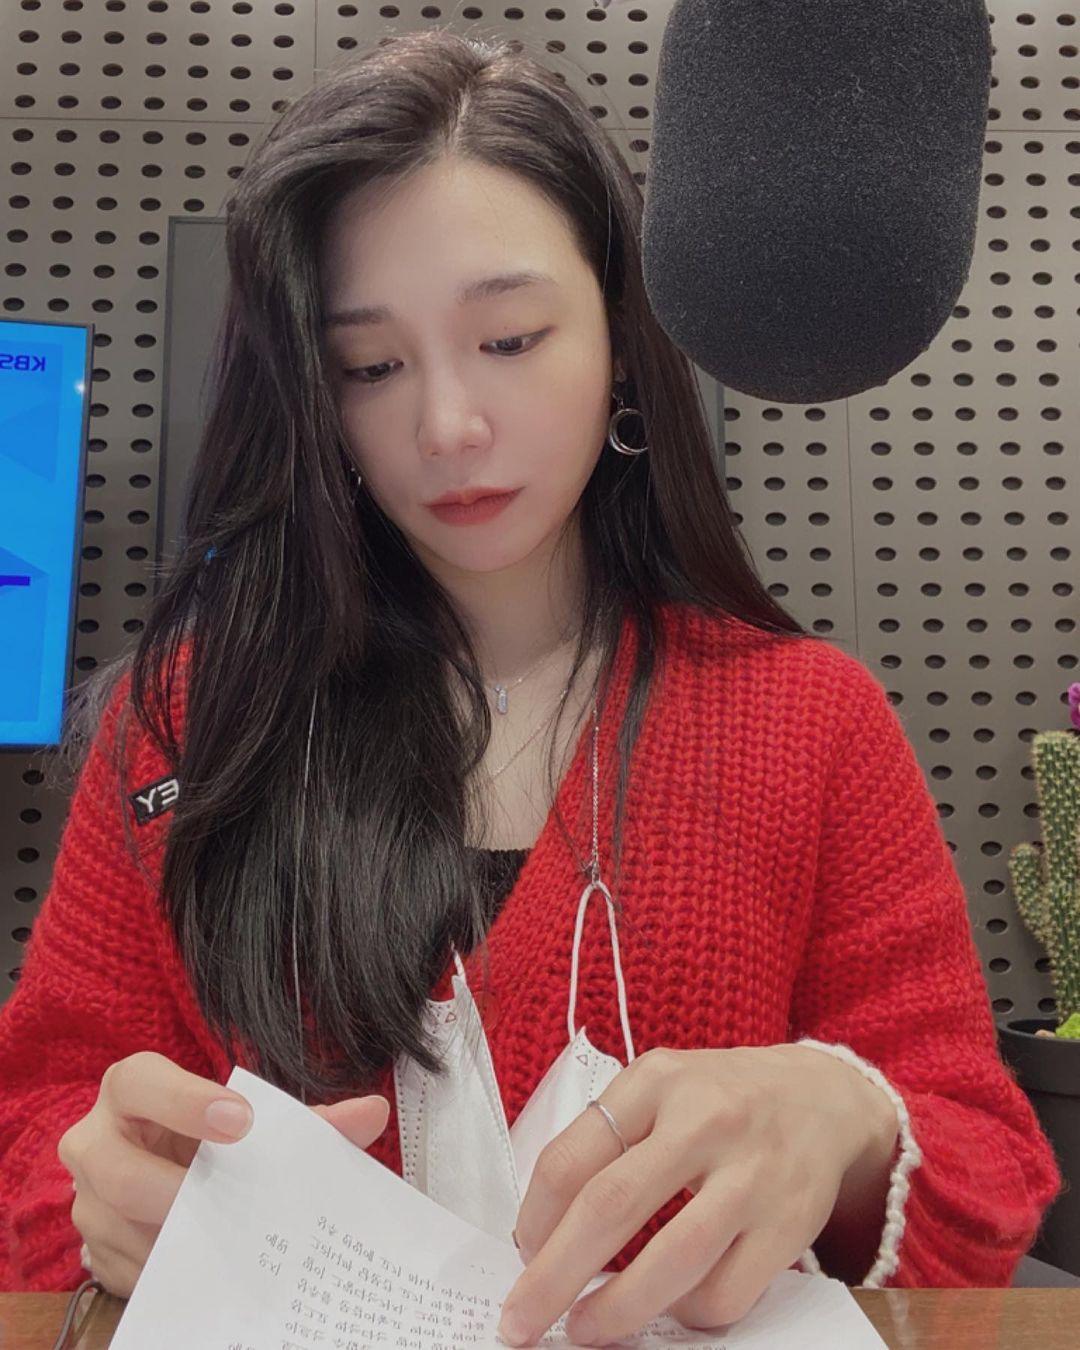 Eun Ji: Khi bạn để kiểu tóc rẽ ngôi lệch sâu như Eun-ji của nhóm Apink, về cơ bản bạn đang chuyển toàn bộ tóc sang một bên đầu giúp tạo ấn tượng về mái tóc dày, đầy đặn Nếu thích, bạn có thể dùng thêm máy uốn tạo một vài lọn xoăn ở phần tóc dày.